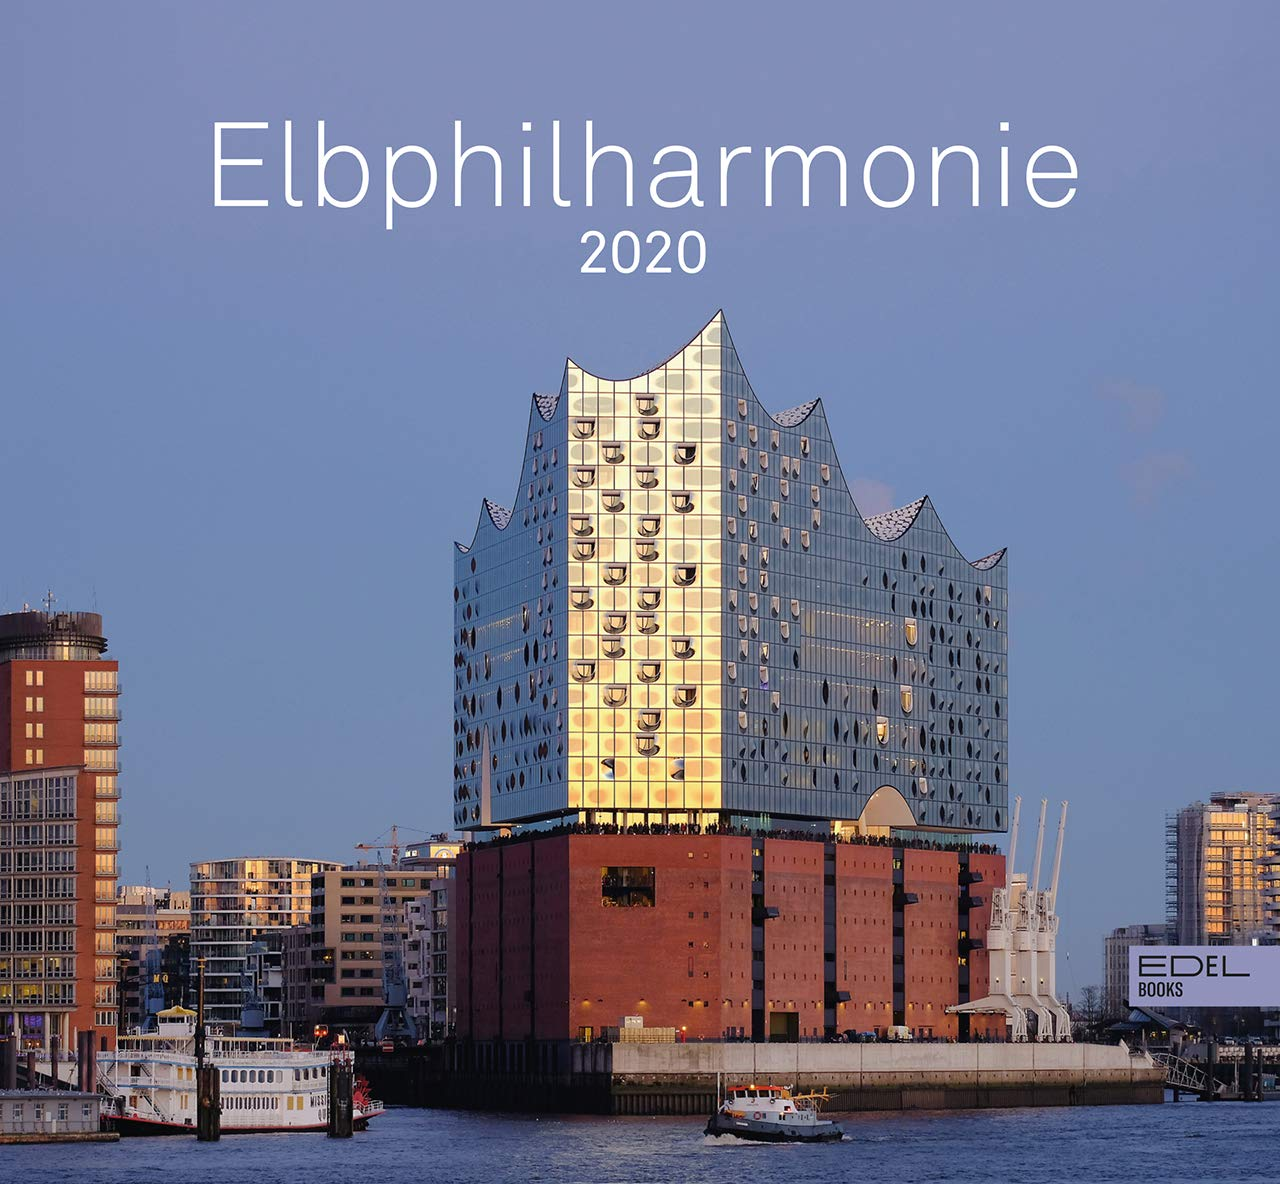 Elbphilharmonie Postkartenkalender 2020: Amazon.es: Michael ...